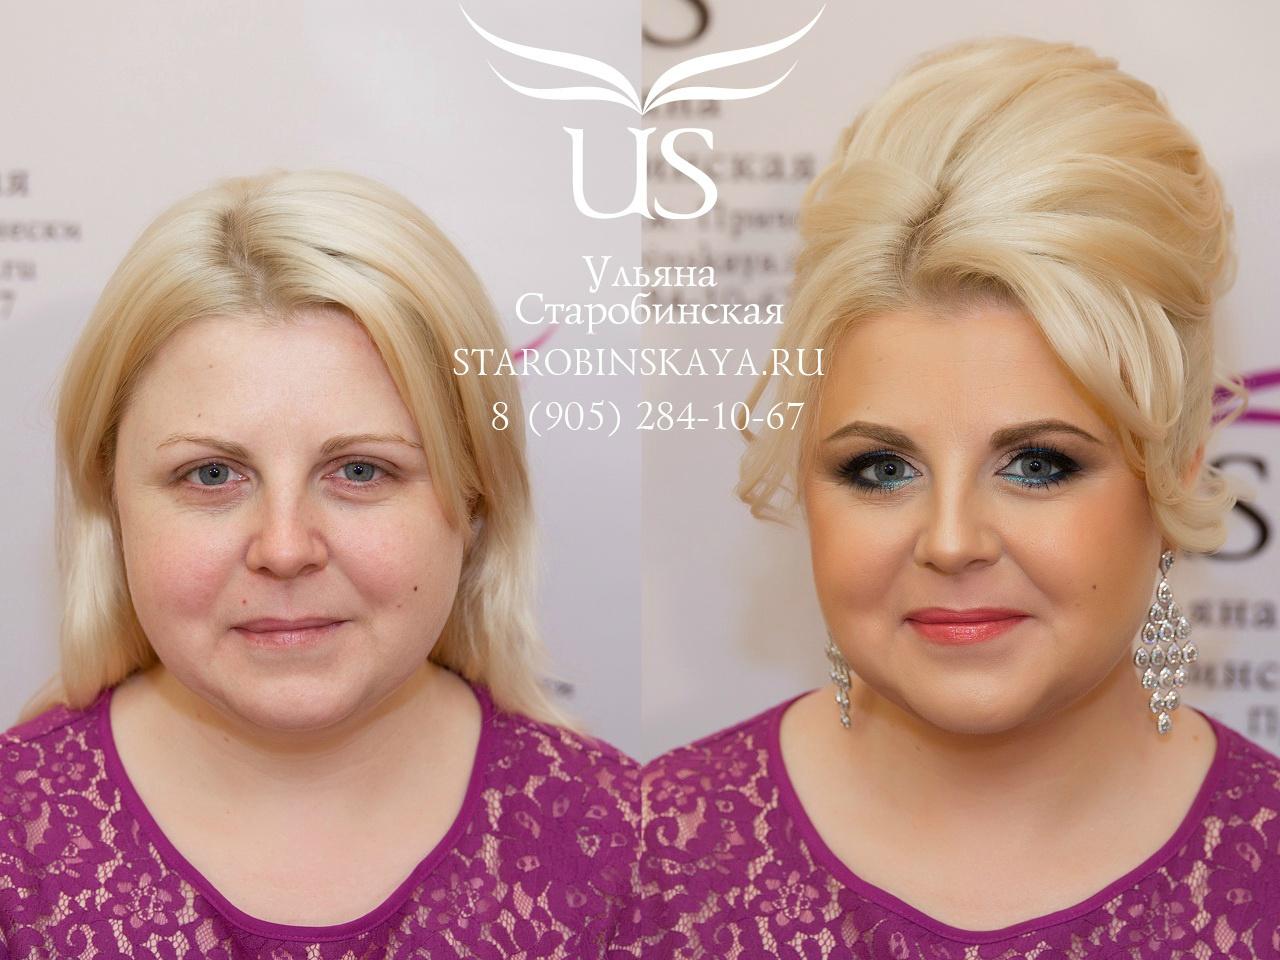 Обучение макияжу (курсы макияжа) и обучение прическам (курсы причесок)